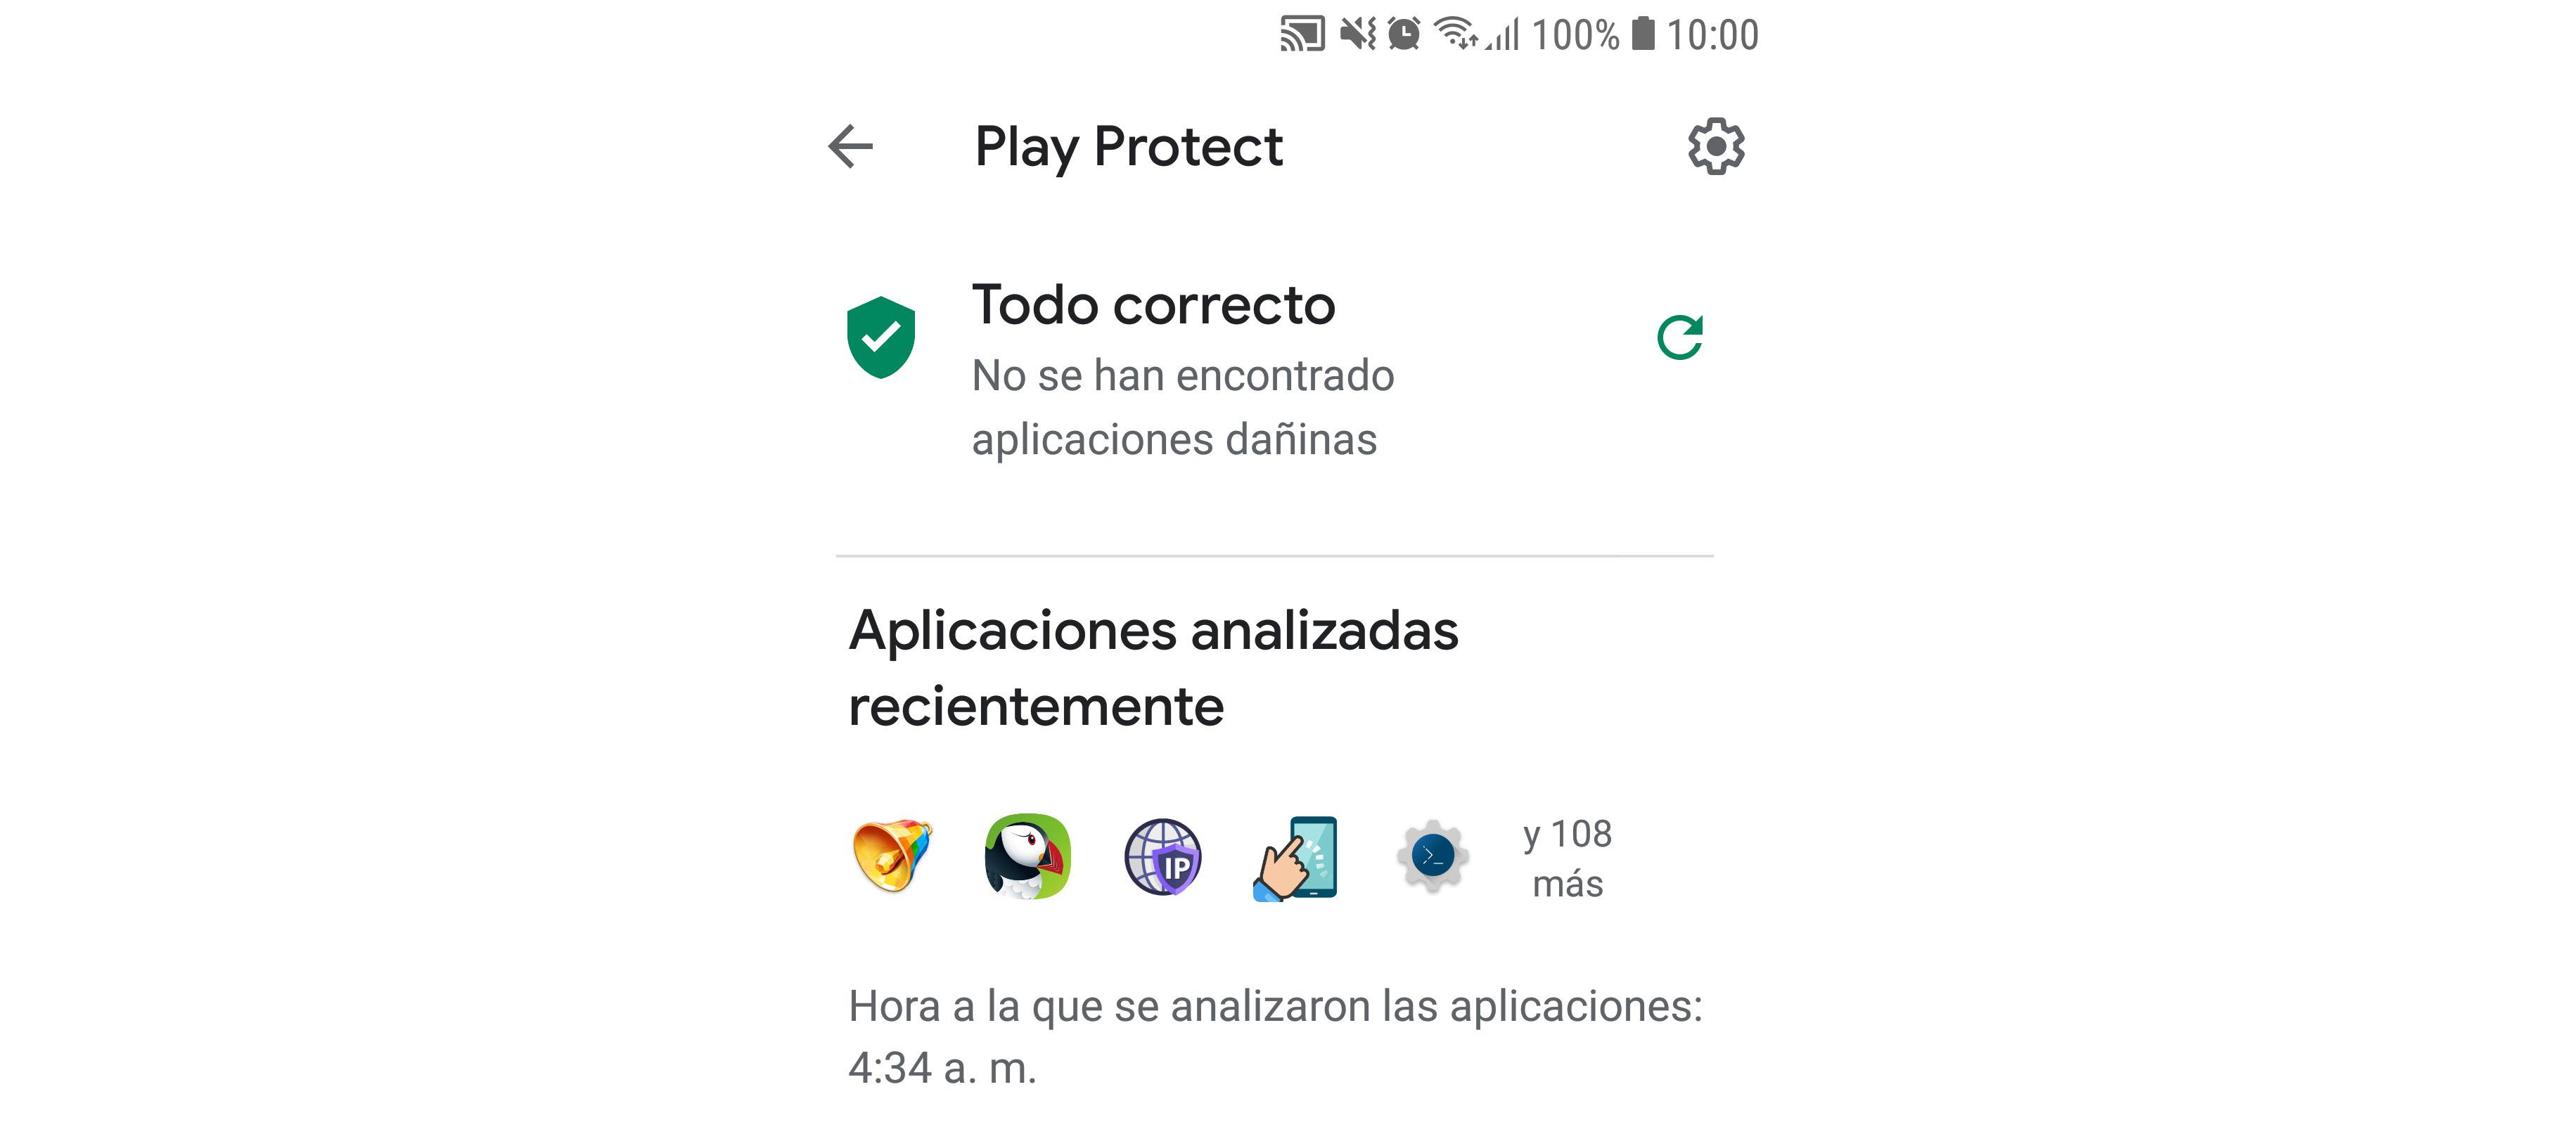 Antivirus y 10 funciones de Avast que ya tienes en Android